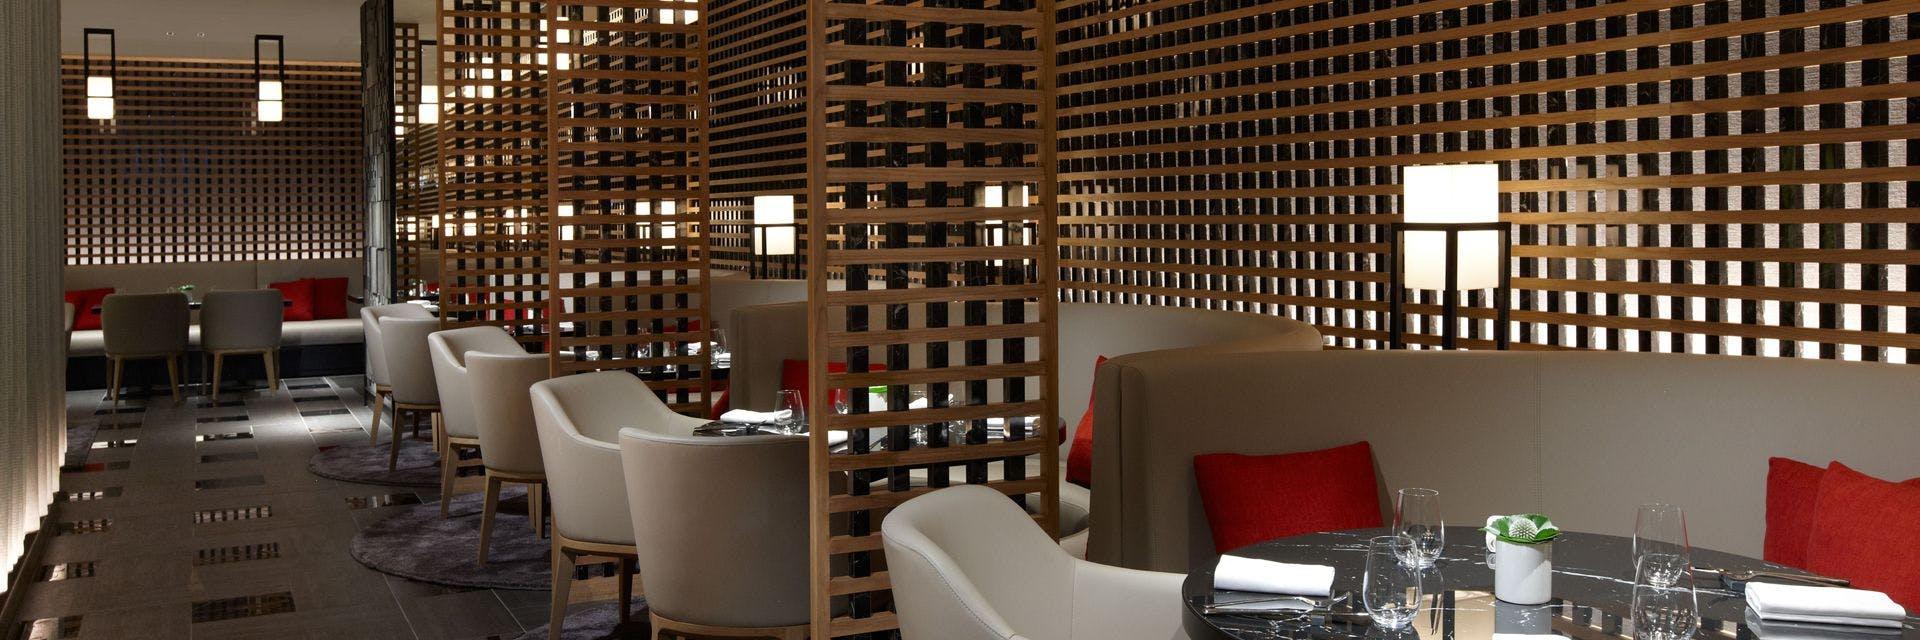 空間展現五星級飯店的高水準。